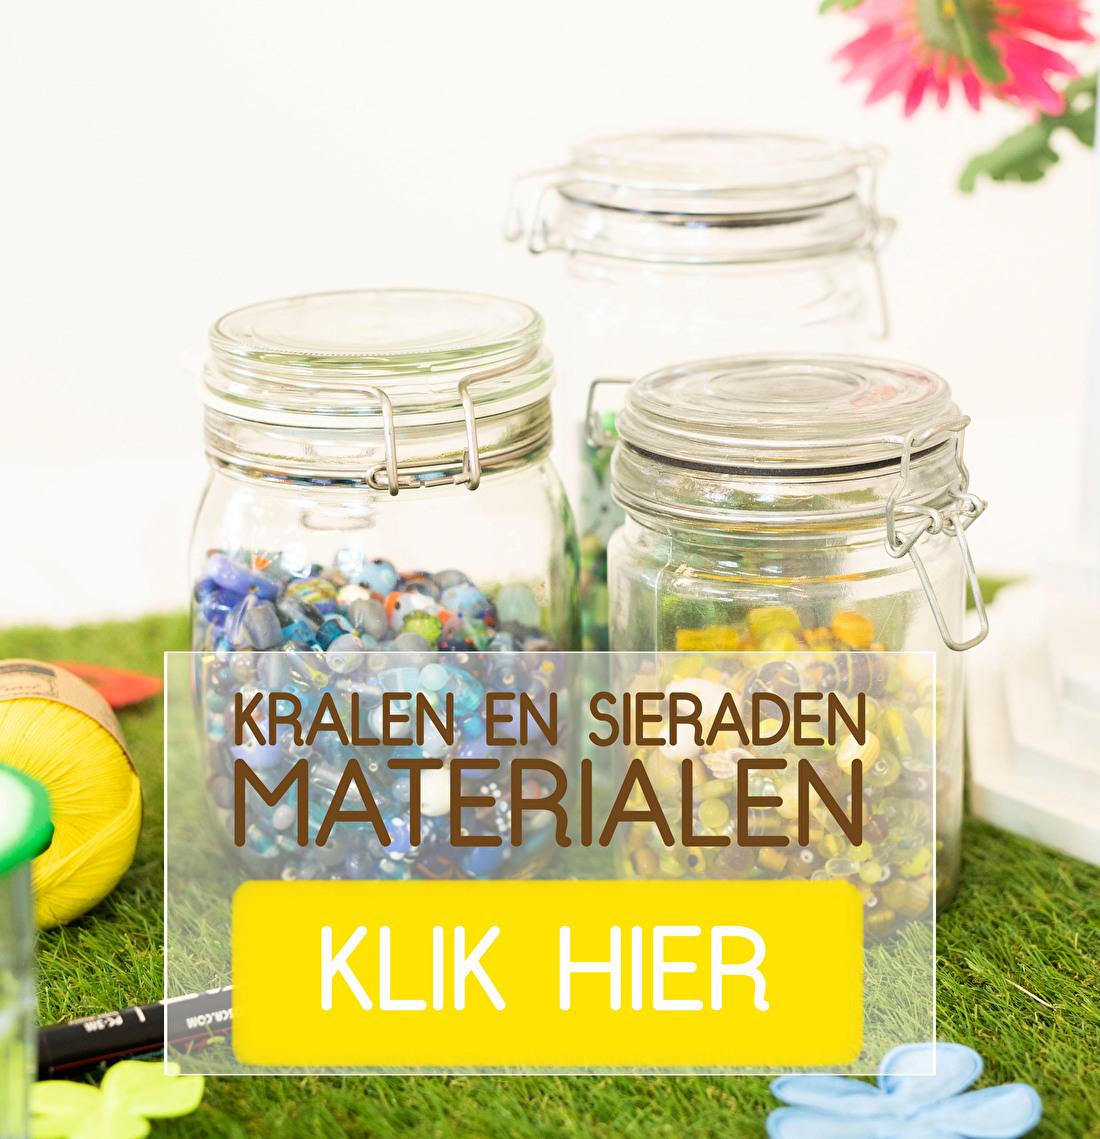 kralen-sieraden-aplicaties-DIY-hobbymaterialen-craftgarden